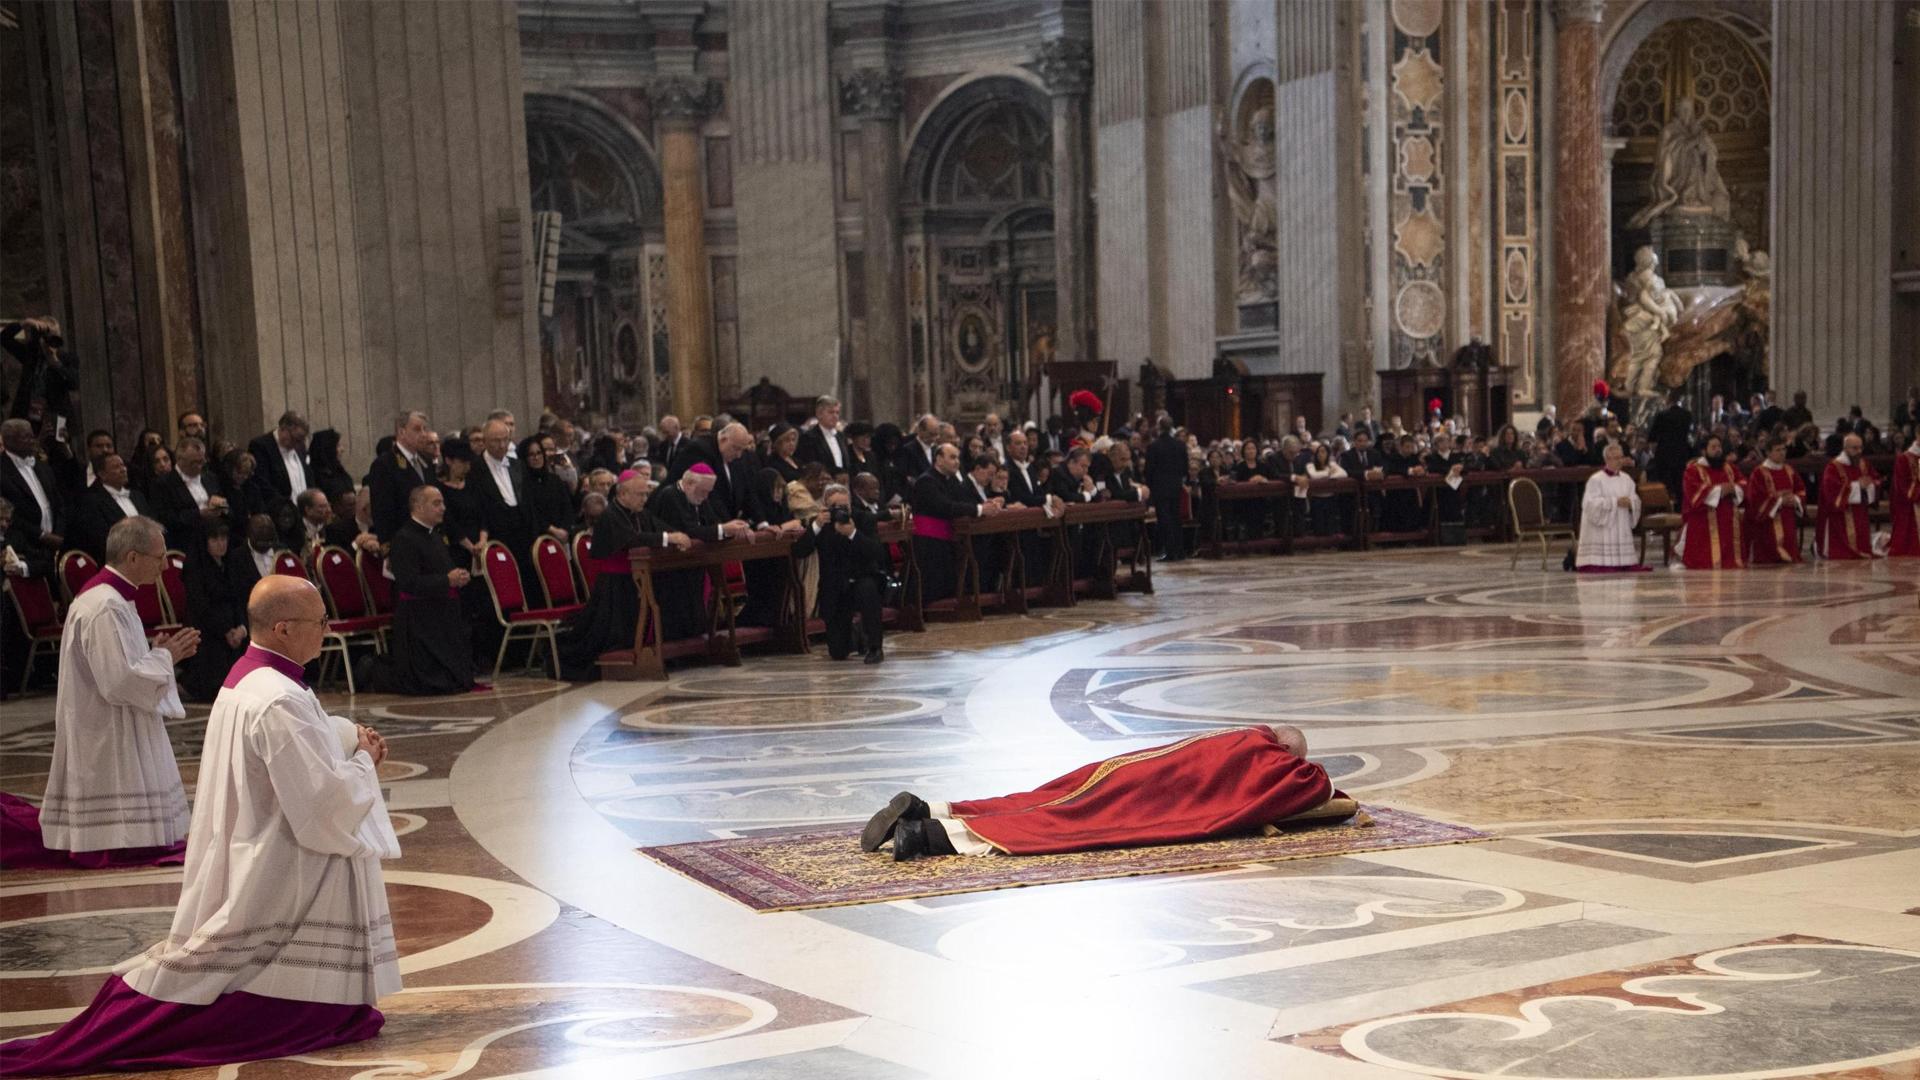 El papa Francisco se tumba para rezar durante la ceremonia de la Pasión del Señor